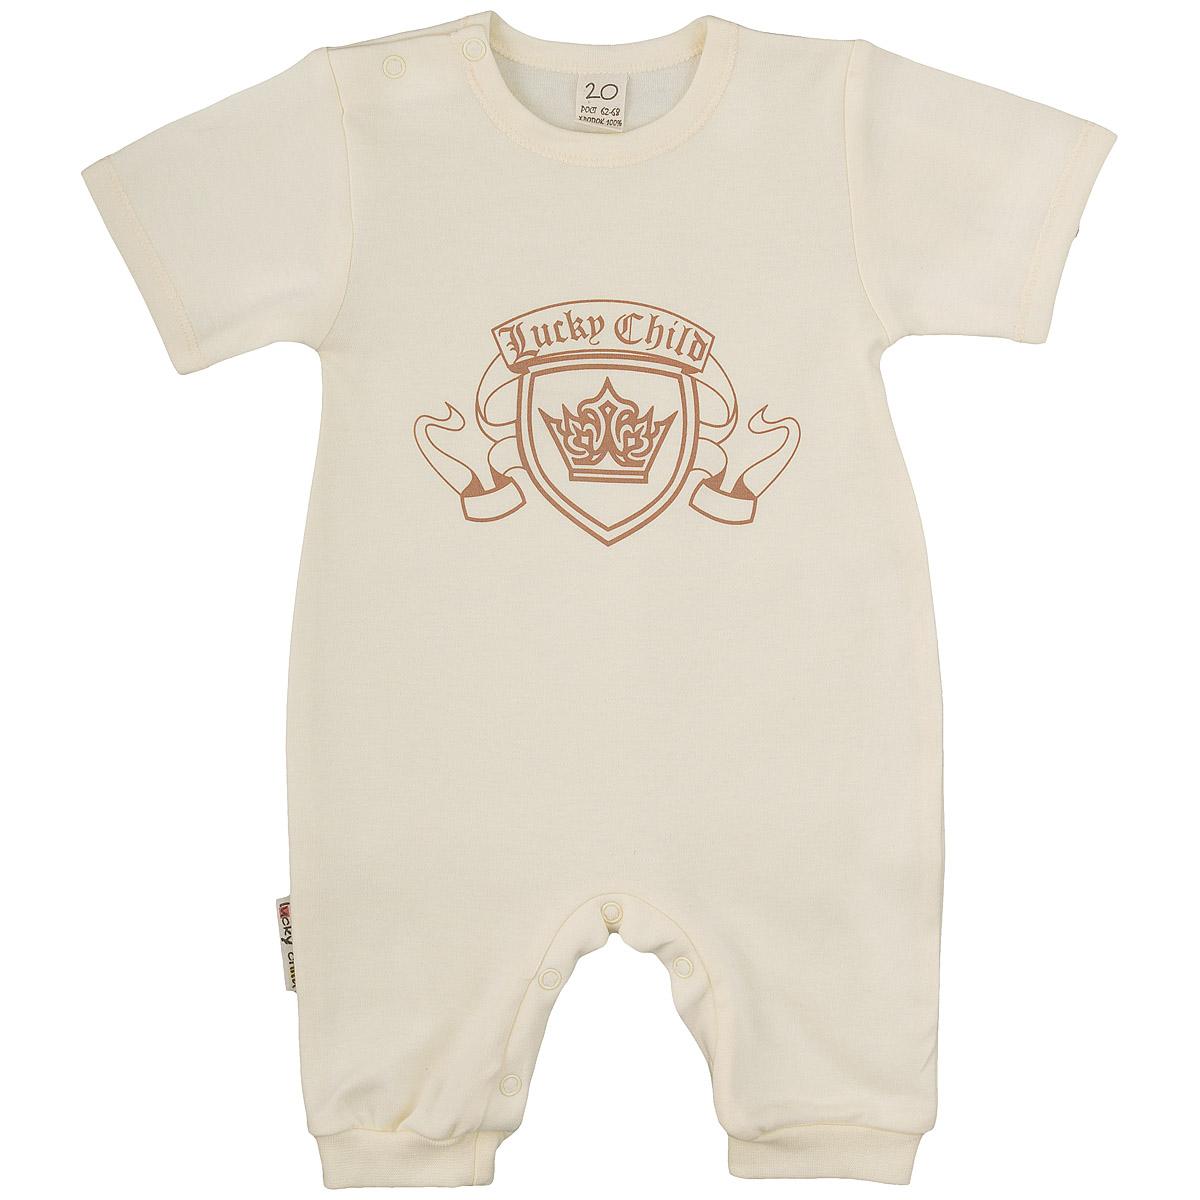 Песочник Lucky Child, цвет: экрю. 6-28. Размер 80/866-28Песочник для новорожденного Lucky Child с короткими рукавами послужит идеальным дополнением к гардеробу вашего малыша, обеспечивая ему наибольший комфорт. Изготовленный из интерлока - натурального хлопка, он необычайно мягкий и легкий, не раздражает нежную кожу ребенка и хорошо вентилируется, а эластичные швы приятны телу малыша и не препятствуют его движениям. Удобные застежки-кнопки по плечу и на ластовице помогают легко переодеть младенца или сменить подгузник. На груди модель оформлена оригинальным притом в виде логотипа бренда. Песочник полностью соответствует особенностям жизни ребенка в ранний период, не стесняя и не ограничивая его в движениях. В нем ваш малыш всегда будет в центре внимания.